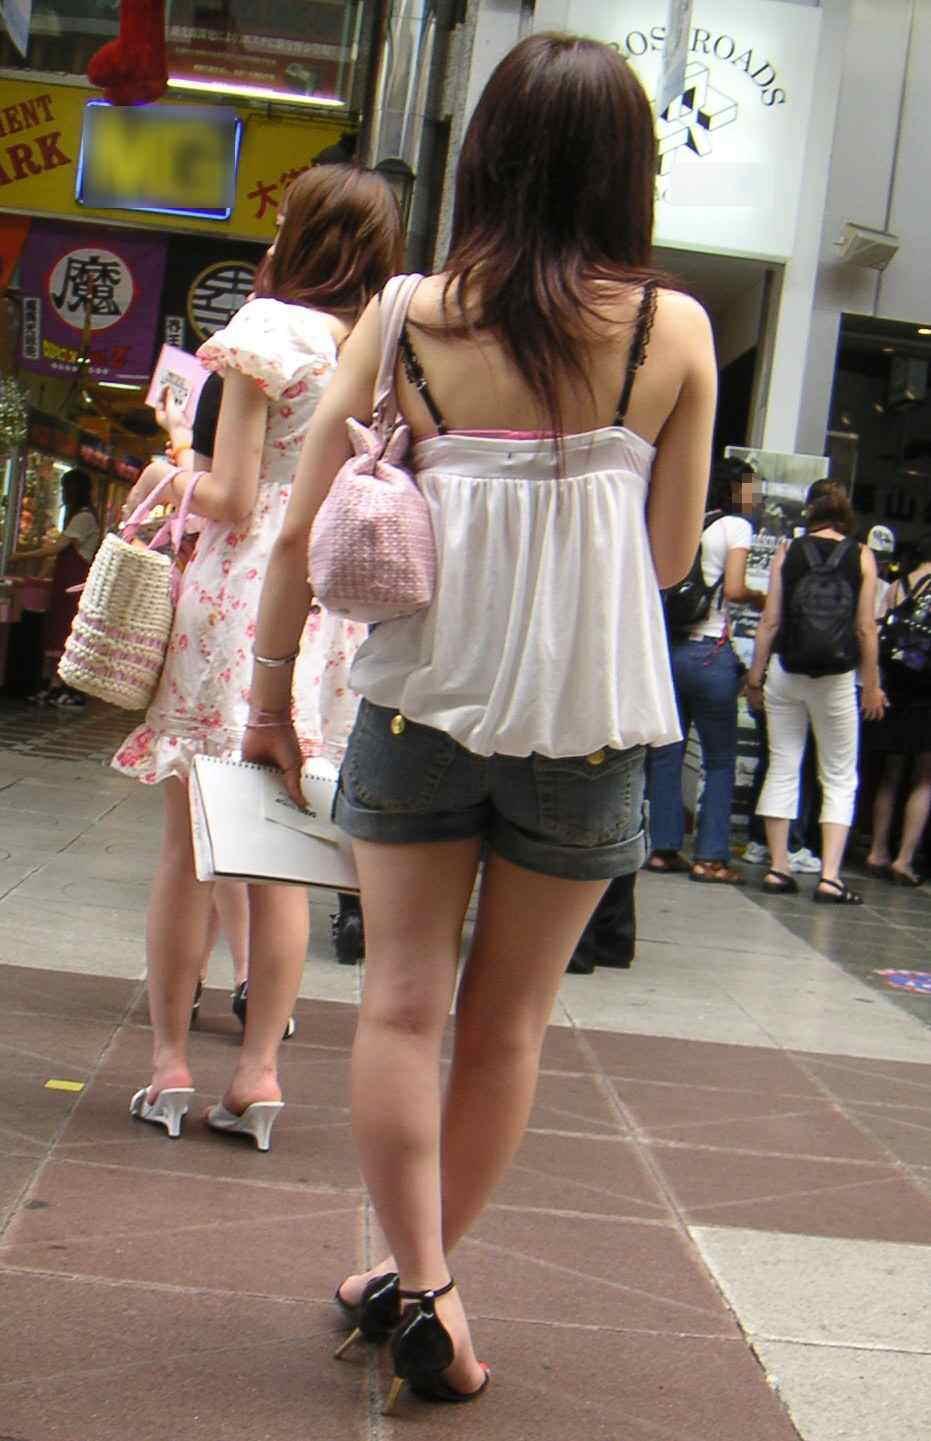 気温が上がるとブラ紐がズレてブラチラしちゃってる素人の街撮りエロ画像 29